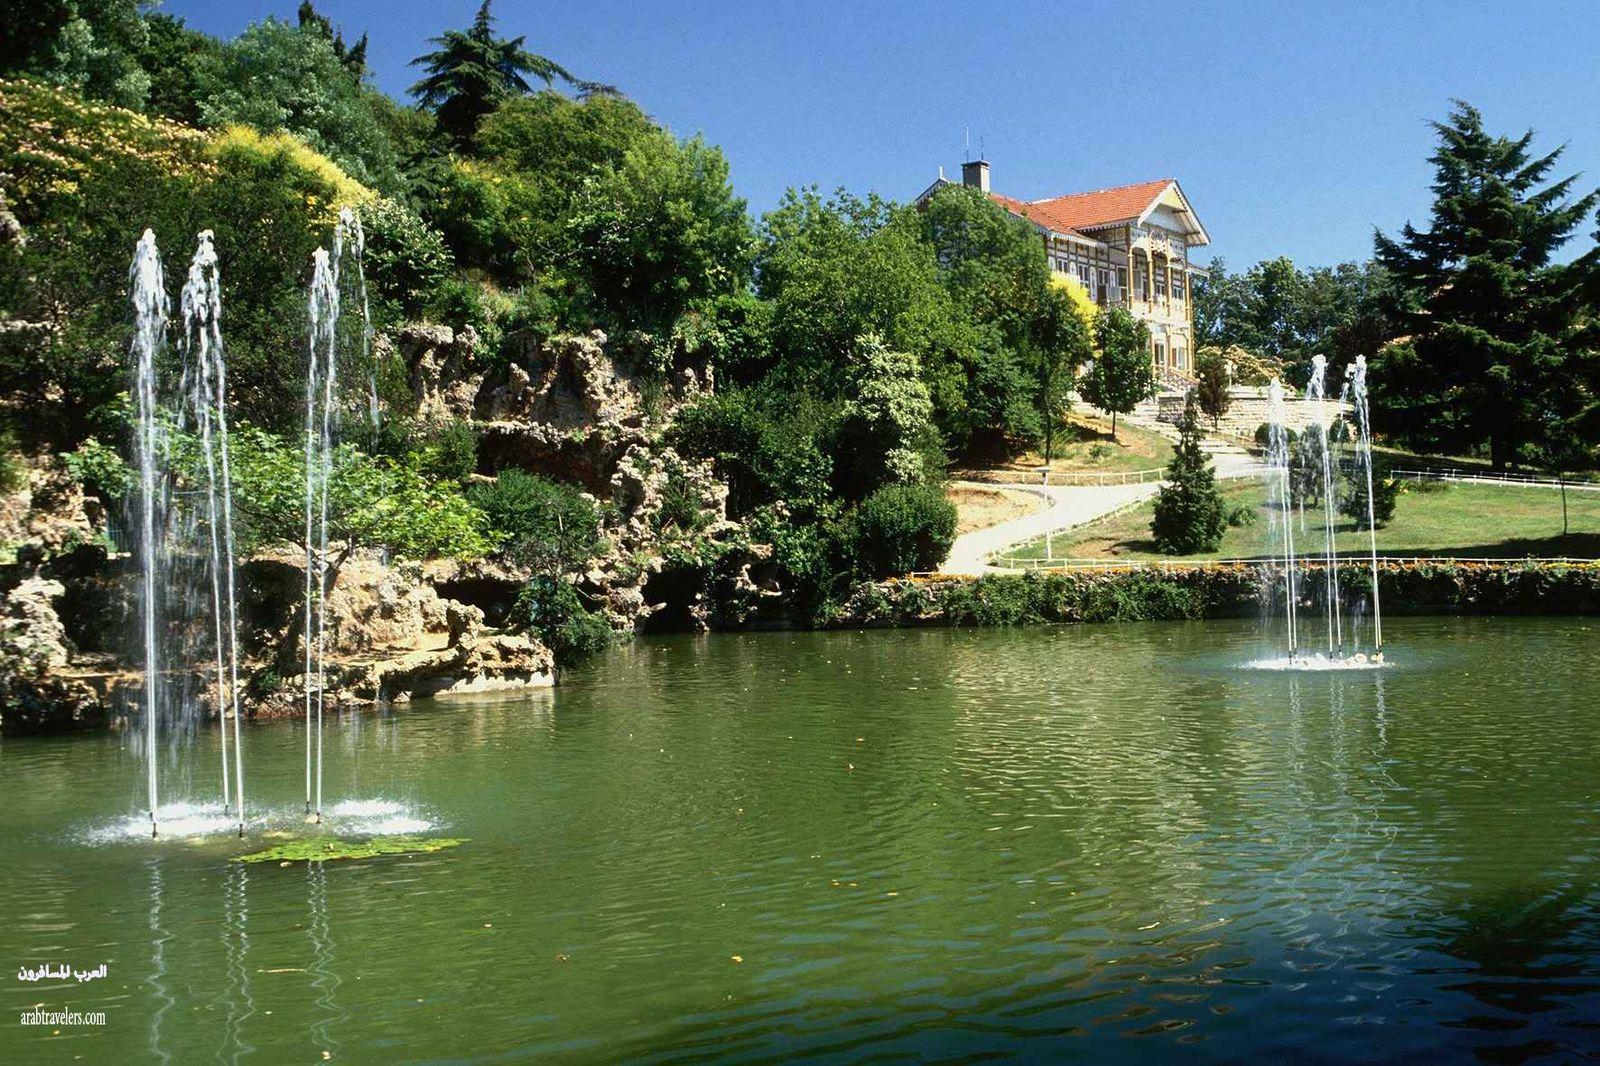 411082 المسافرون العرب اجمل صور حدائق تركيا